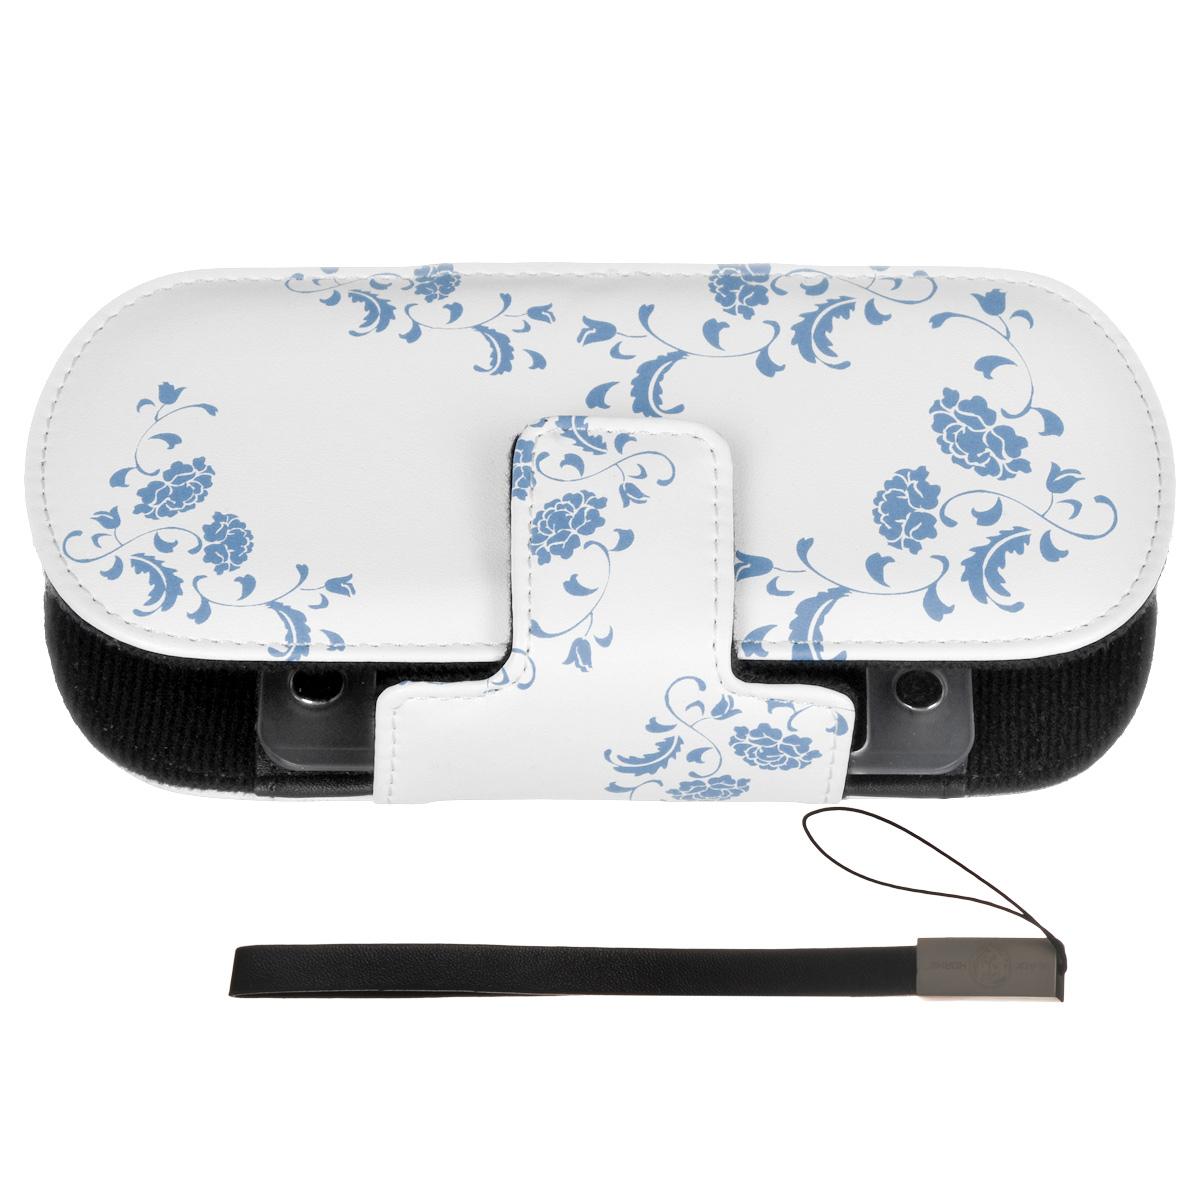 Защитный чехол Free-Style Black Horns для Sony PSP 2000/3000 (N01 Узор бело-голубой)BH-PSP02208(R)Защитный чехол Free-Style Black Horns для Sony PSP 2000/3000 обеспечит сохранность вашей игровой приставки. Оригинальный графический дизайн Free-Style - совершенное сочетание инноваций и традиционного подхода, эффектно подчеркнет вашу индивидуальность. Внутренняя поверхность чехла для PSP выполнена из мягкого текстиля, не царапающего лицевую панель PSP. Специально разработанная для PSP 2000/3000 система внутренних креплений защитит Вашу консоль от потертостей, повреждений и падений. Система внутренних креплений позволяет открыть/закрыть UMD-привод не вынимая приставку из чехла. Специальные крепления внутри чехла надежно фиксируют PSP, обеспечивая свободный доступ ко всем кнопкам управления, USB-порту, Wi-Fi и UMD-приводу. Чехол можно использовать в качестве подставки при просмотре фильмов, картинок или при прослушивании музыки. На задней части чехла расположены два кармашка под карточки памяти. Чехол оснащен удобной и надежной магнитной застежкой, а также стильным и практичным...